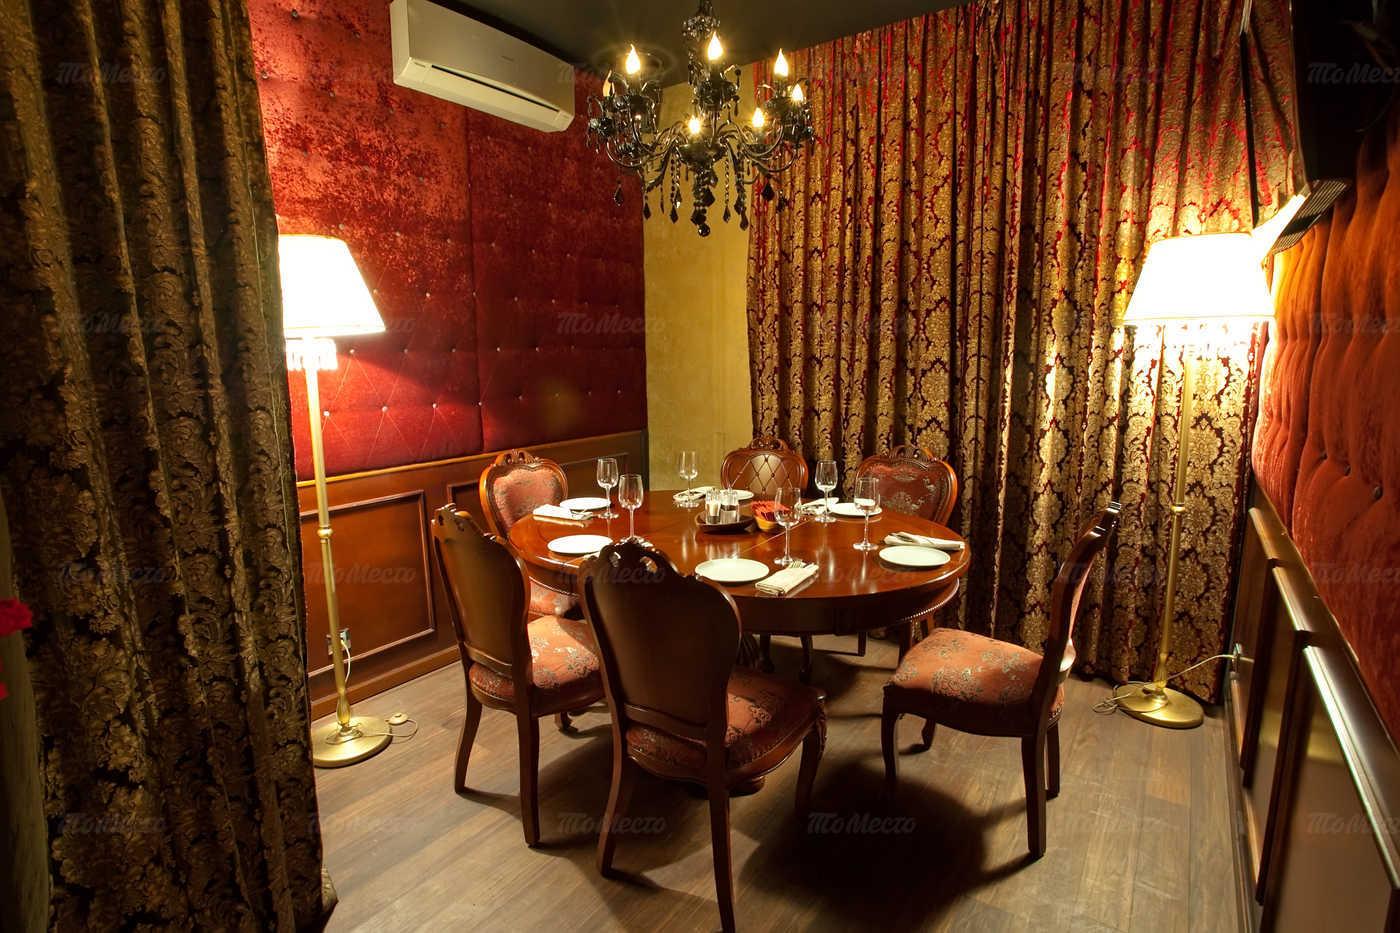 Банкетный зал пивного ресторана Abeerdeen (Абердин) на Литейном проспекте фото 4